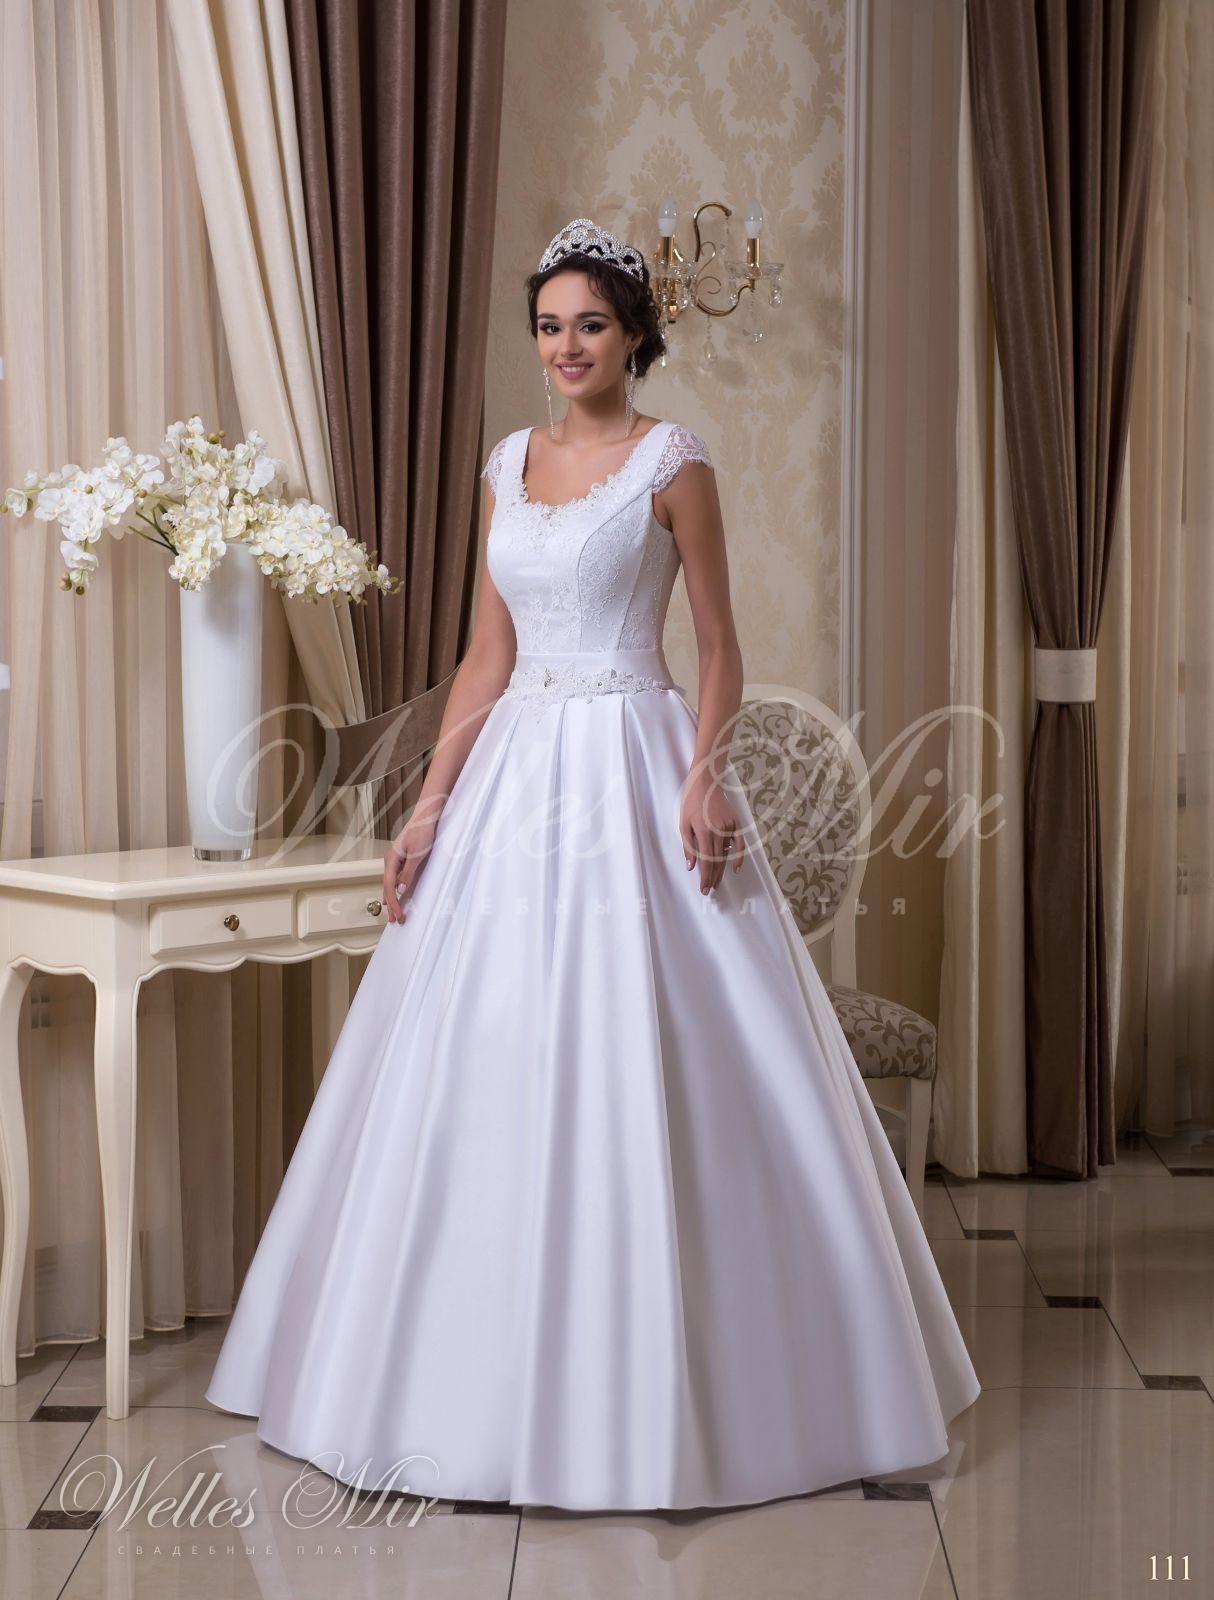 Свадебные платья Charming Elegance - 111